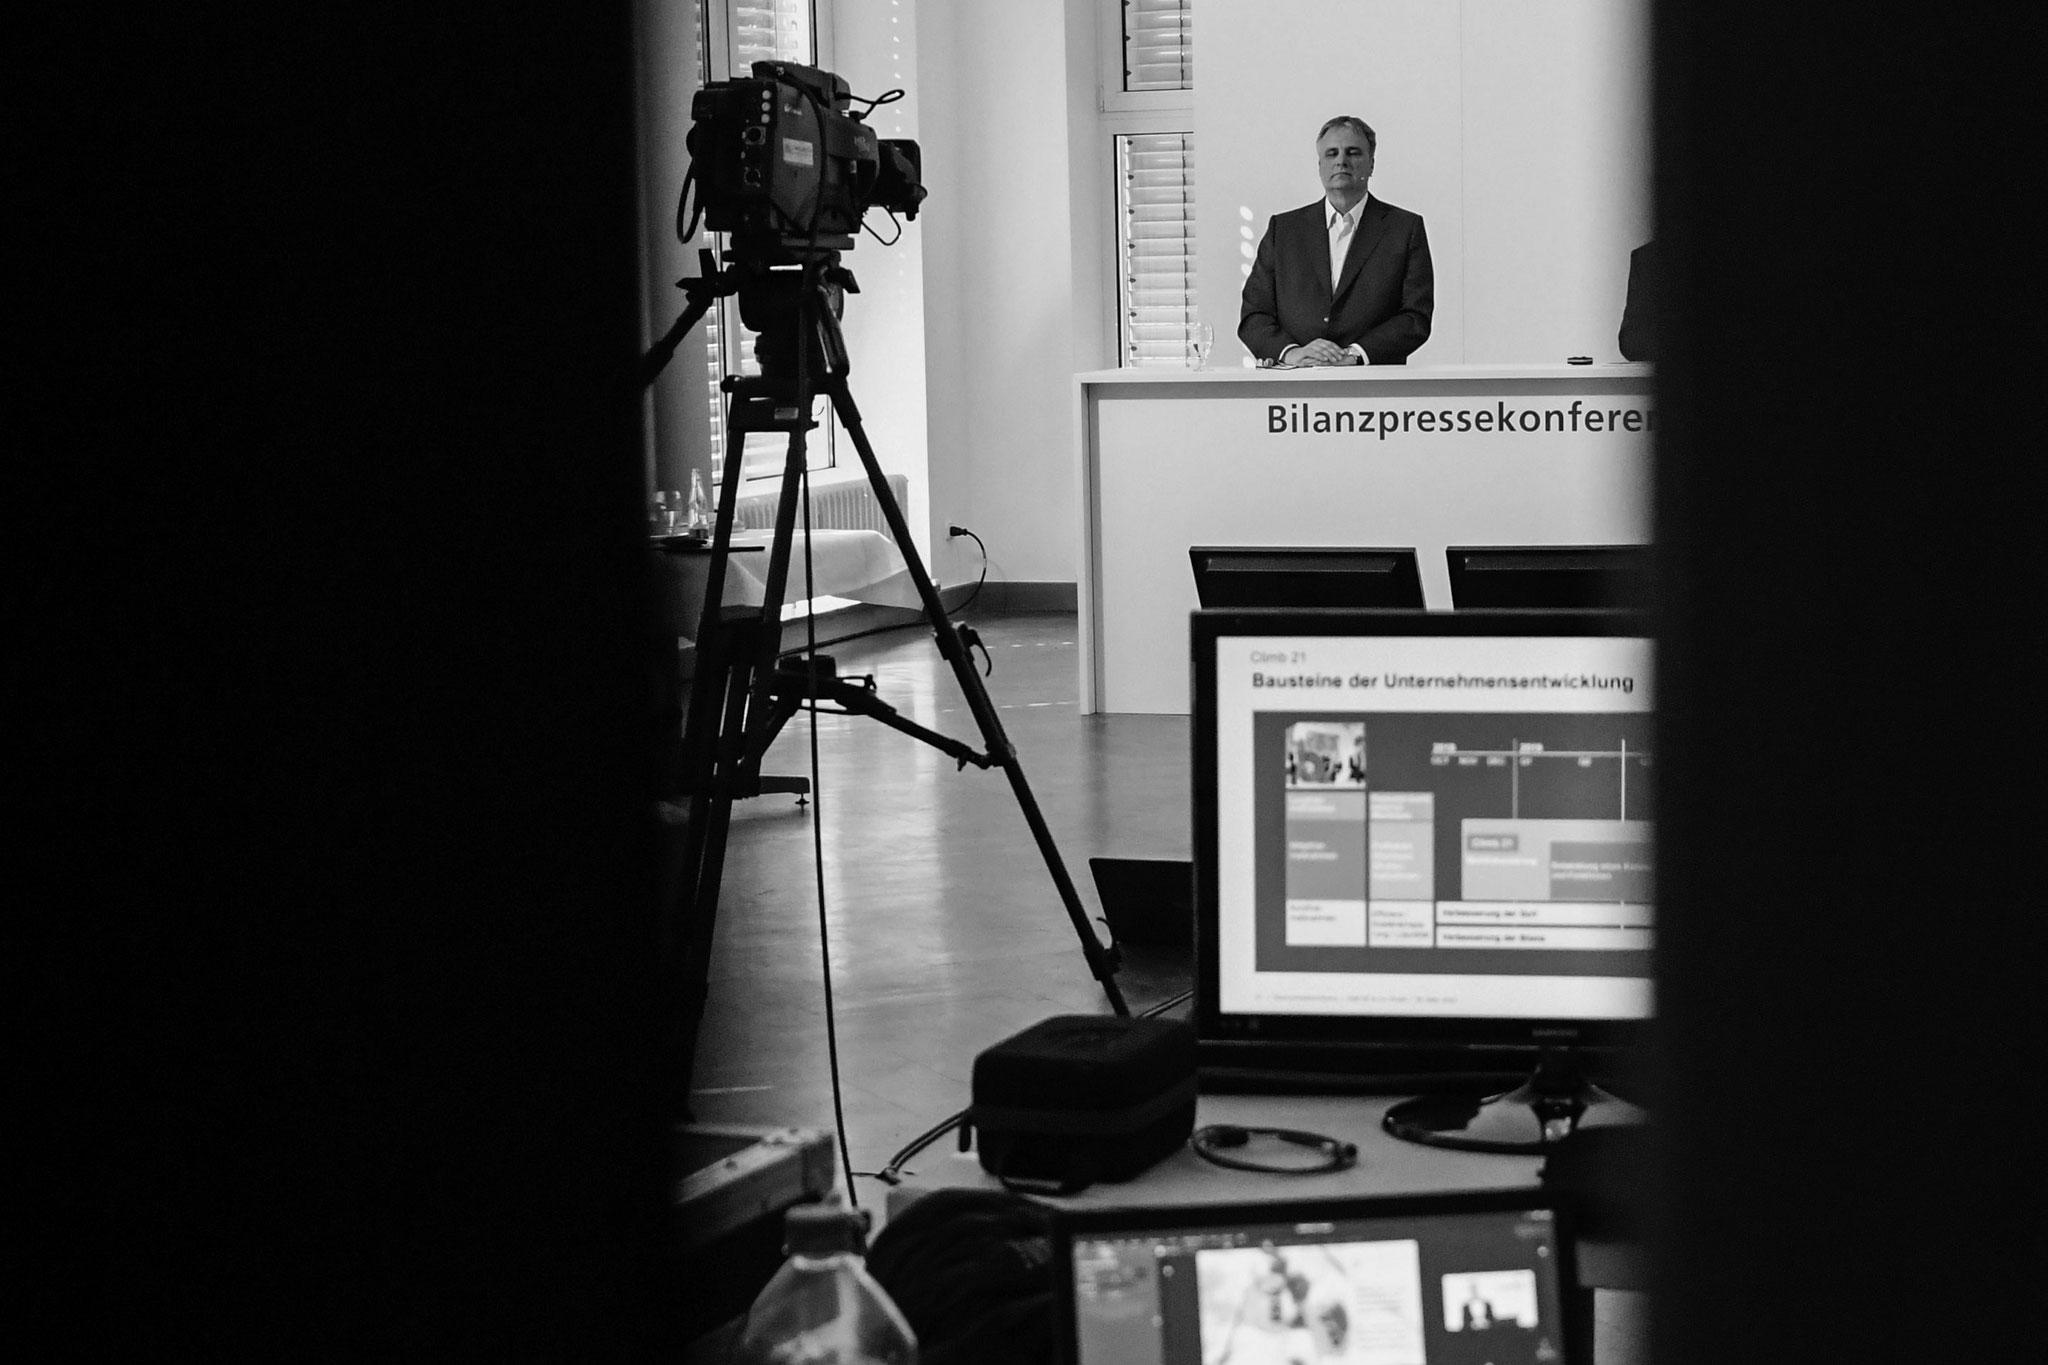 26.3.2020 | FT | KSB | Bilanzpresse-Webkonferenz hinter verschlossener Tür